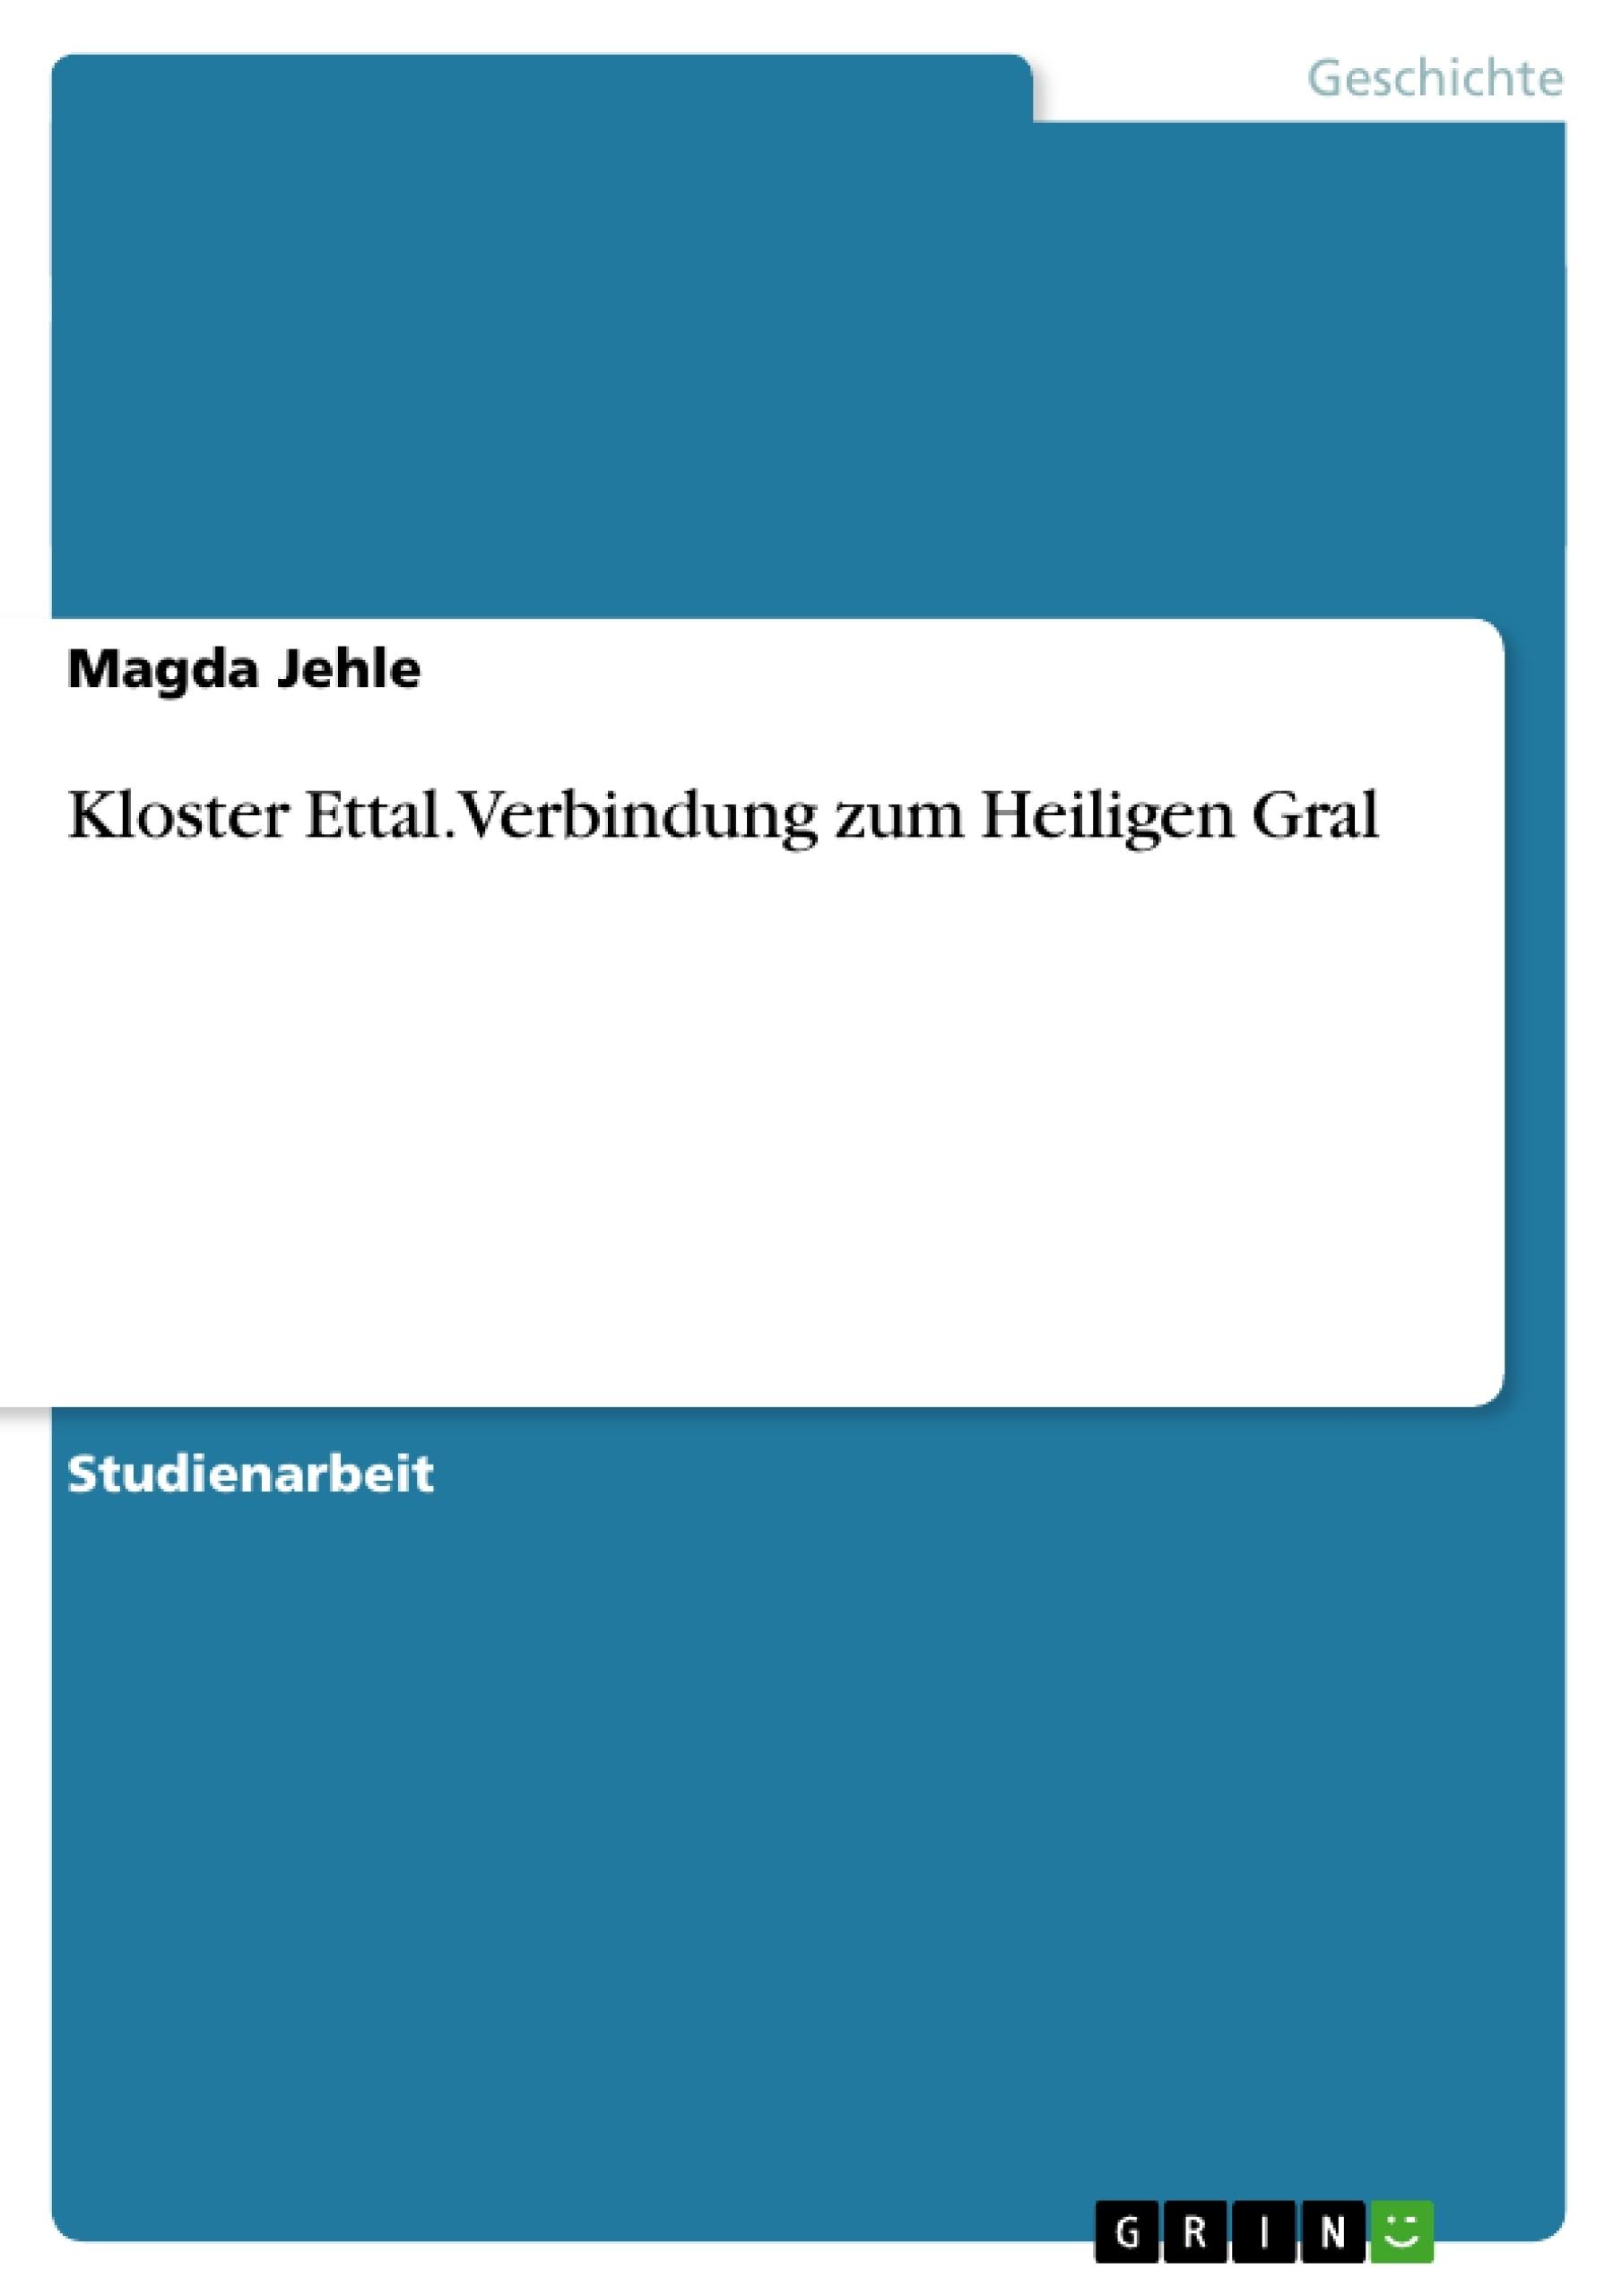 Titel: Kloster Ettal. Verbindung zum Heiligen Gral